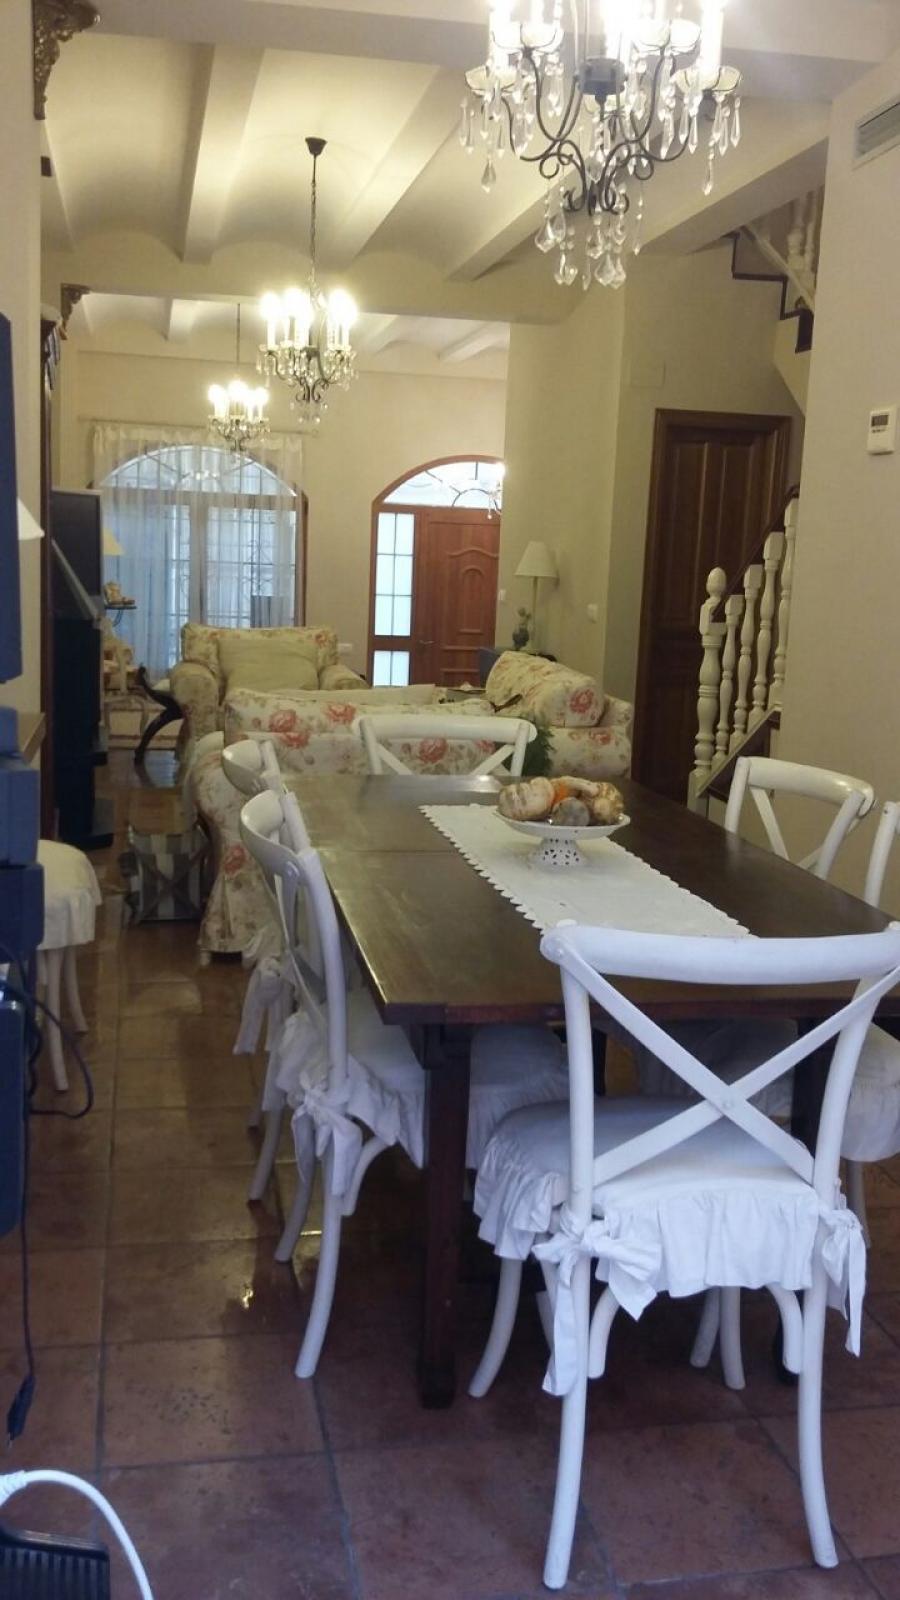 Casa, Petrés, 46501